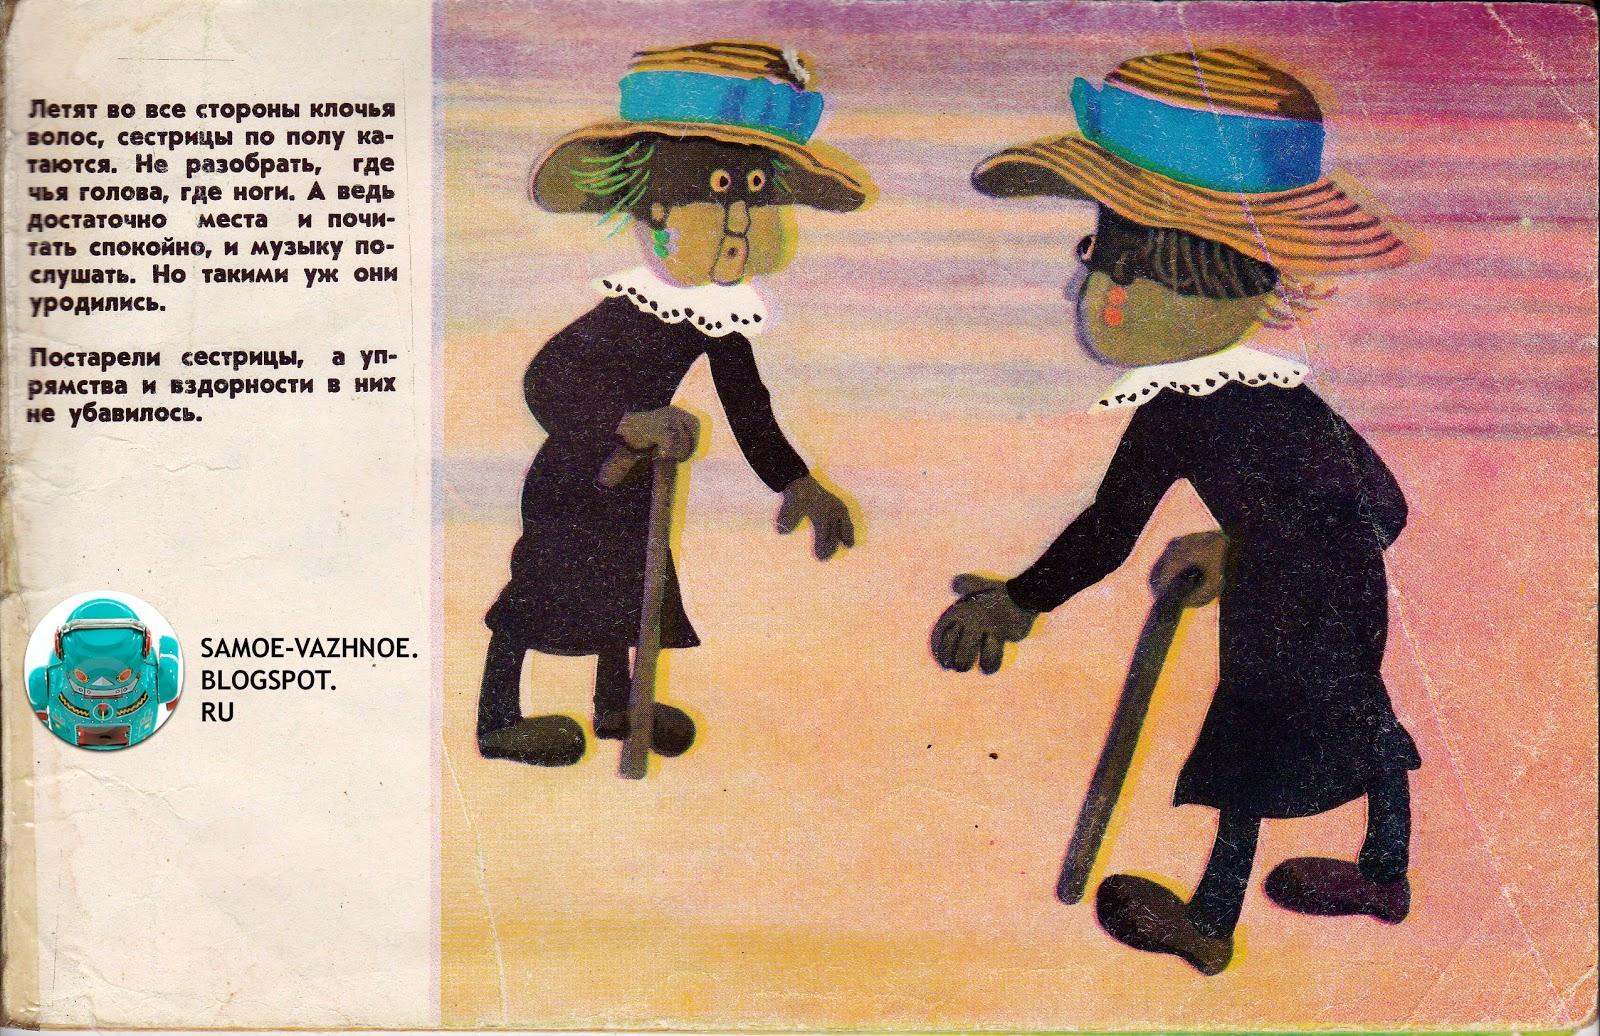 Детская книга сестры старушки дерутся ссорятся ругаются СССР